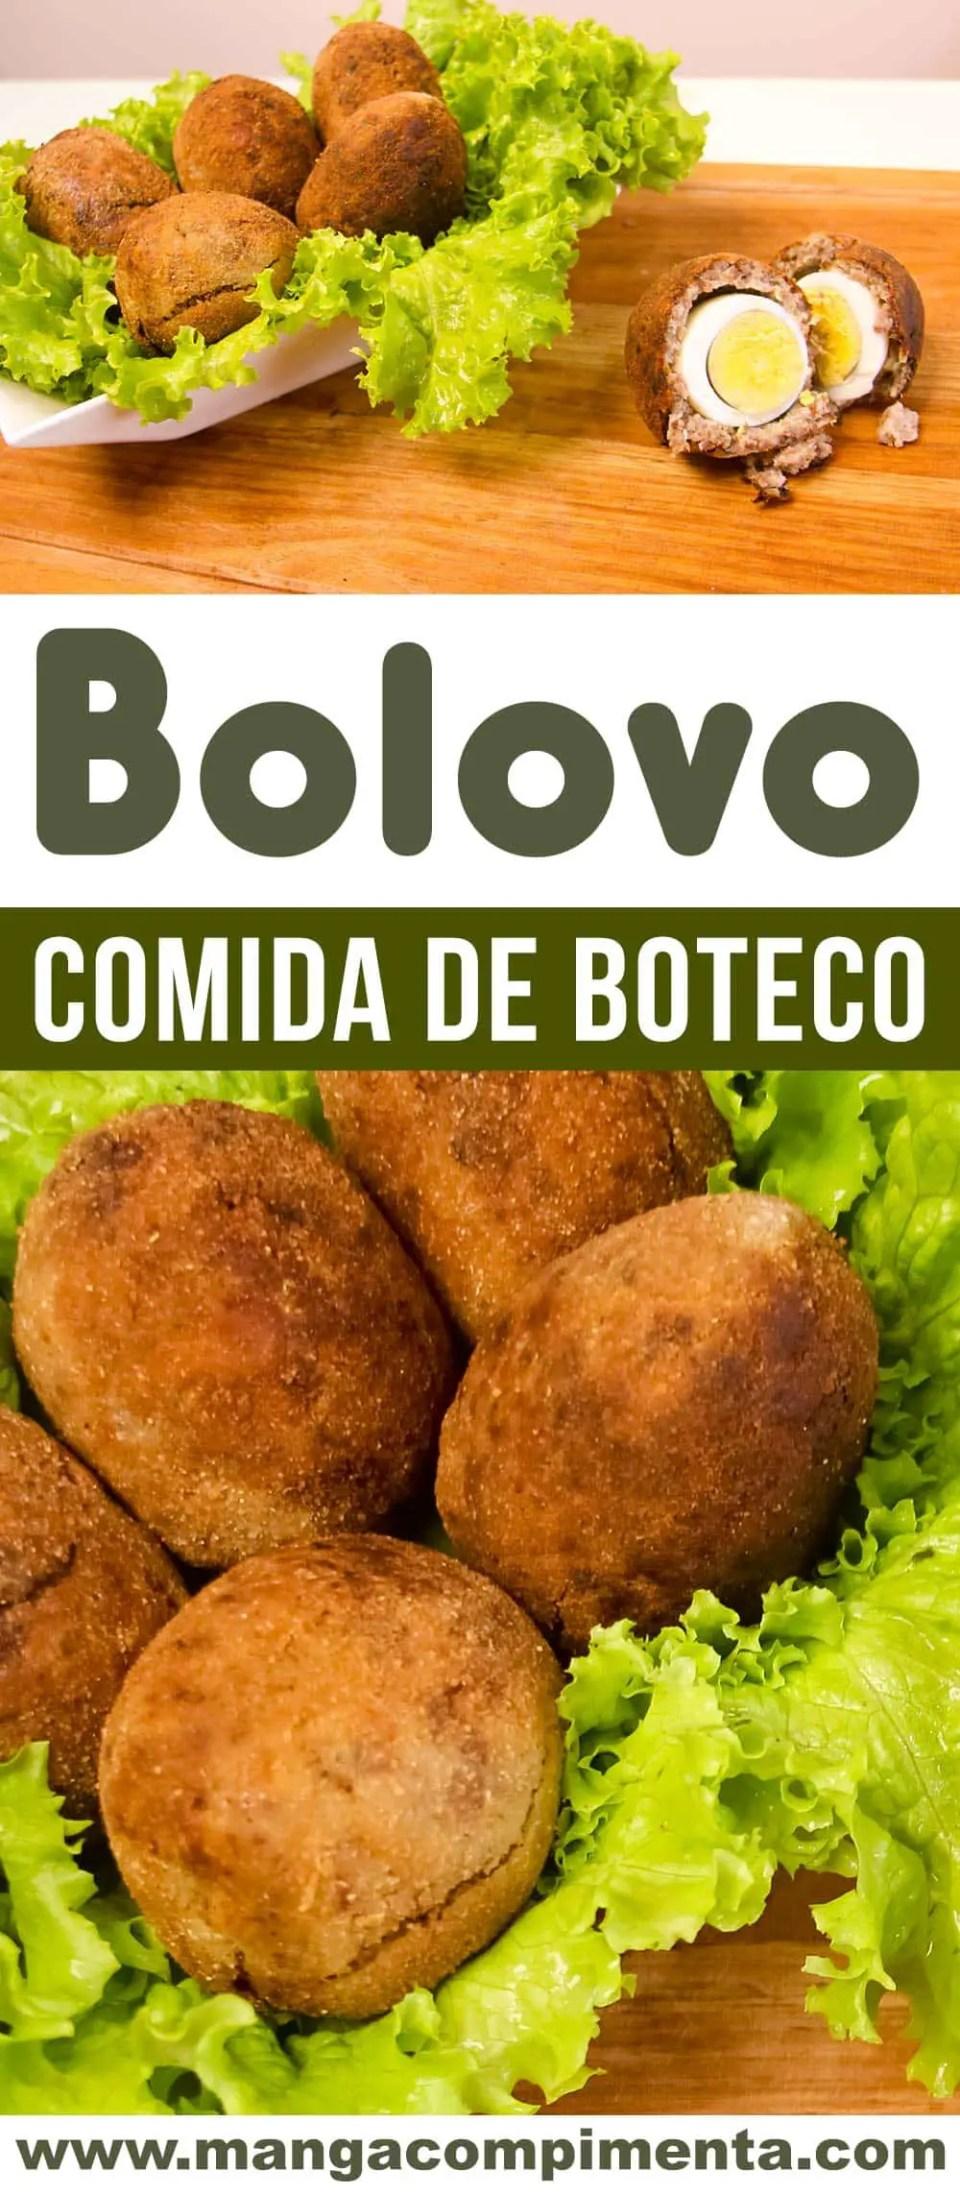 Bolovo - Comida de Boteco, perfeito para petiscar com os amigos!